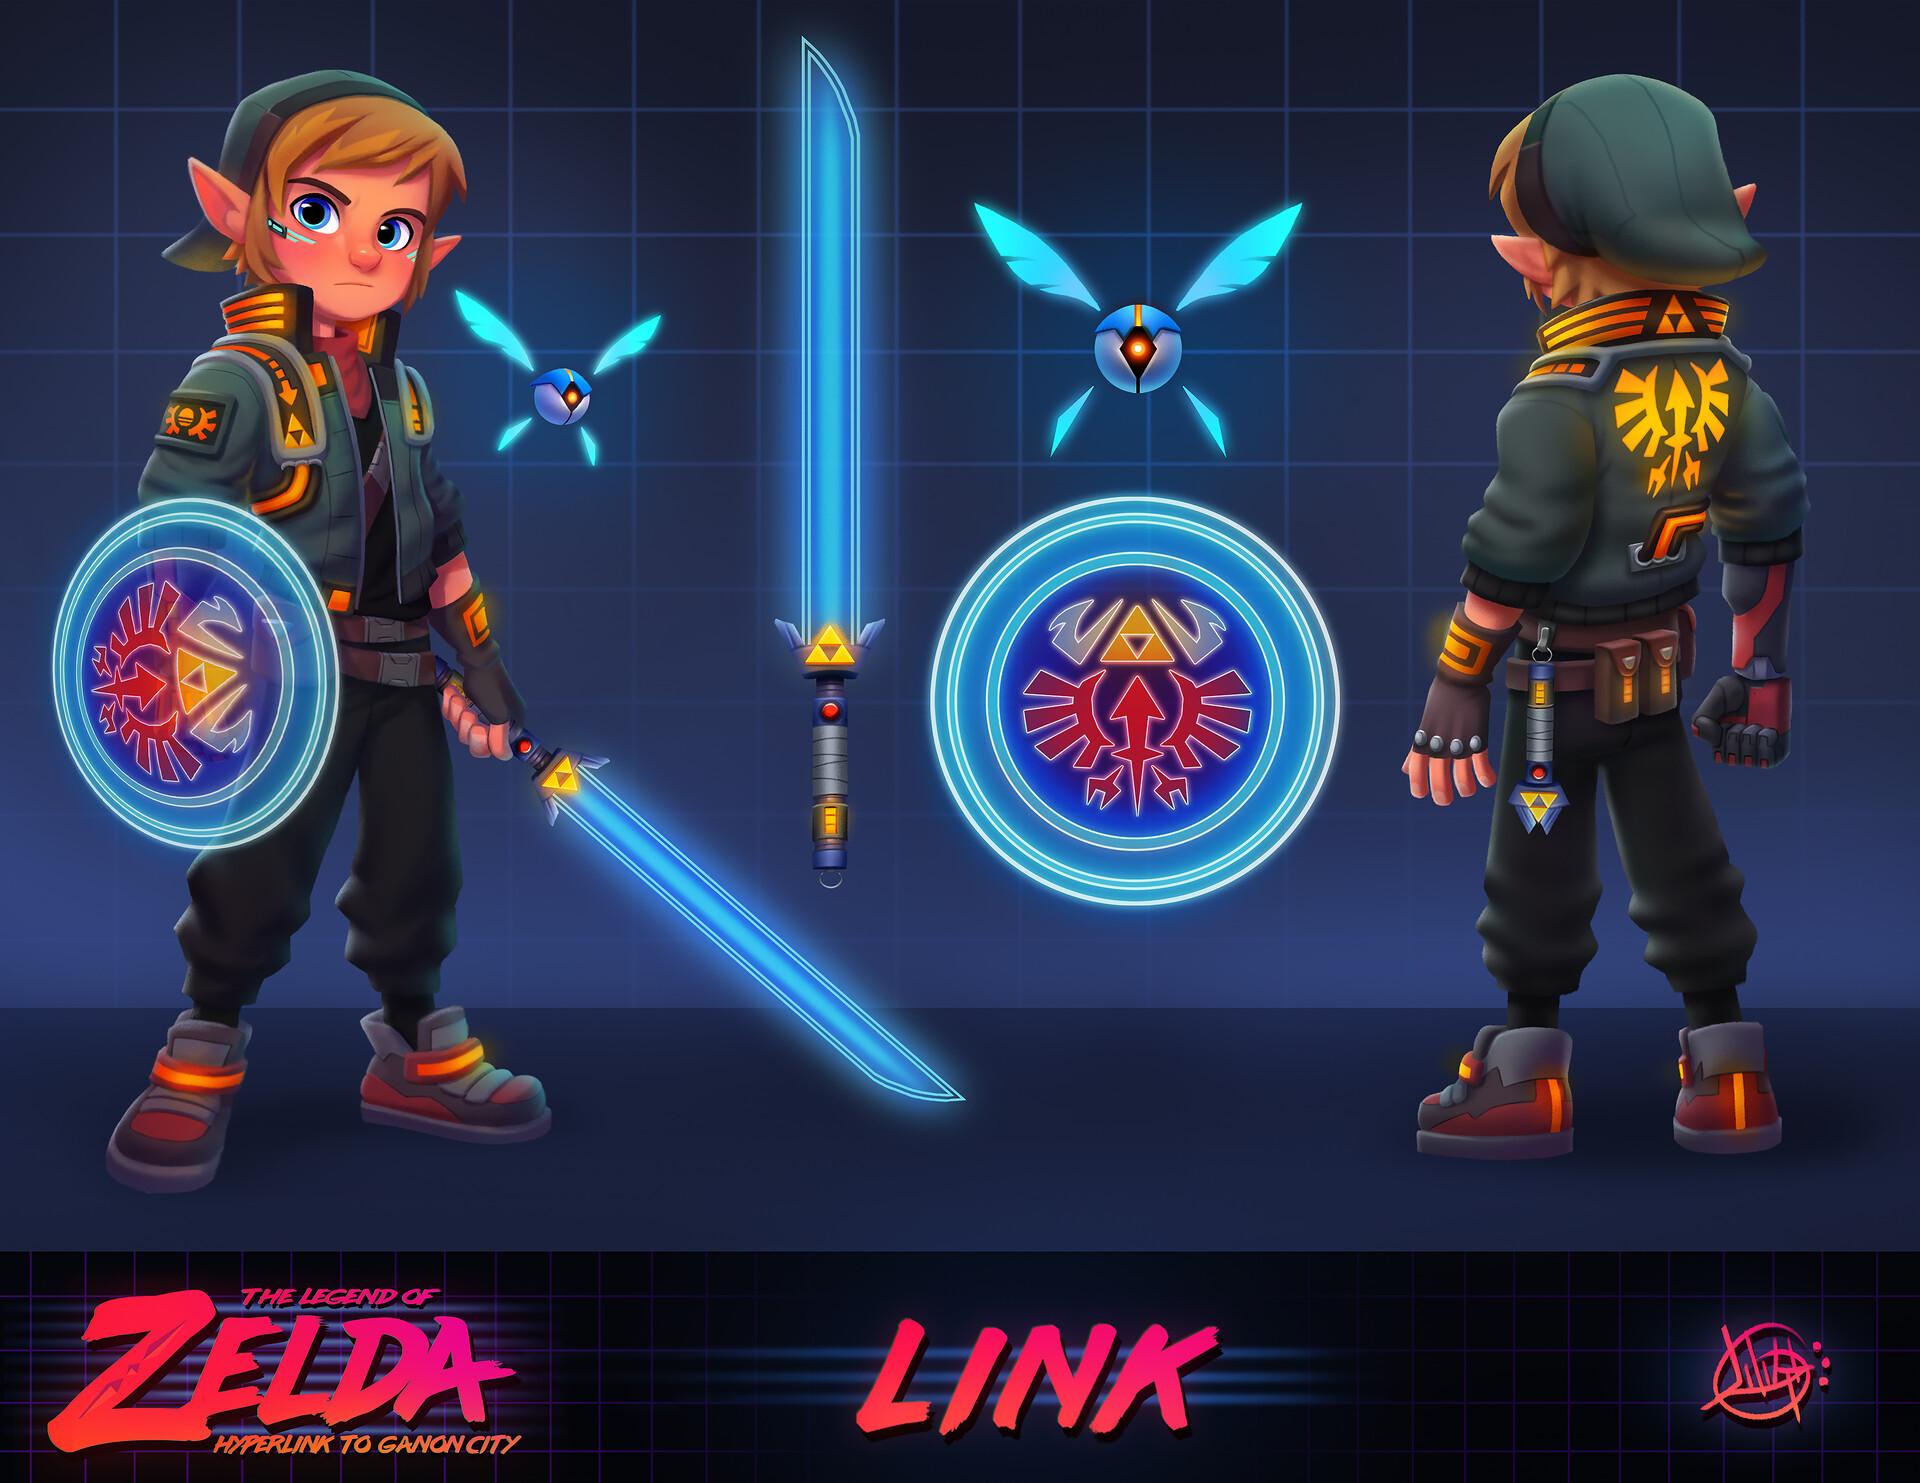 Luigi lucarelli cyberpunk link concept 2